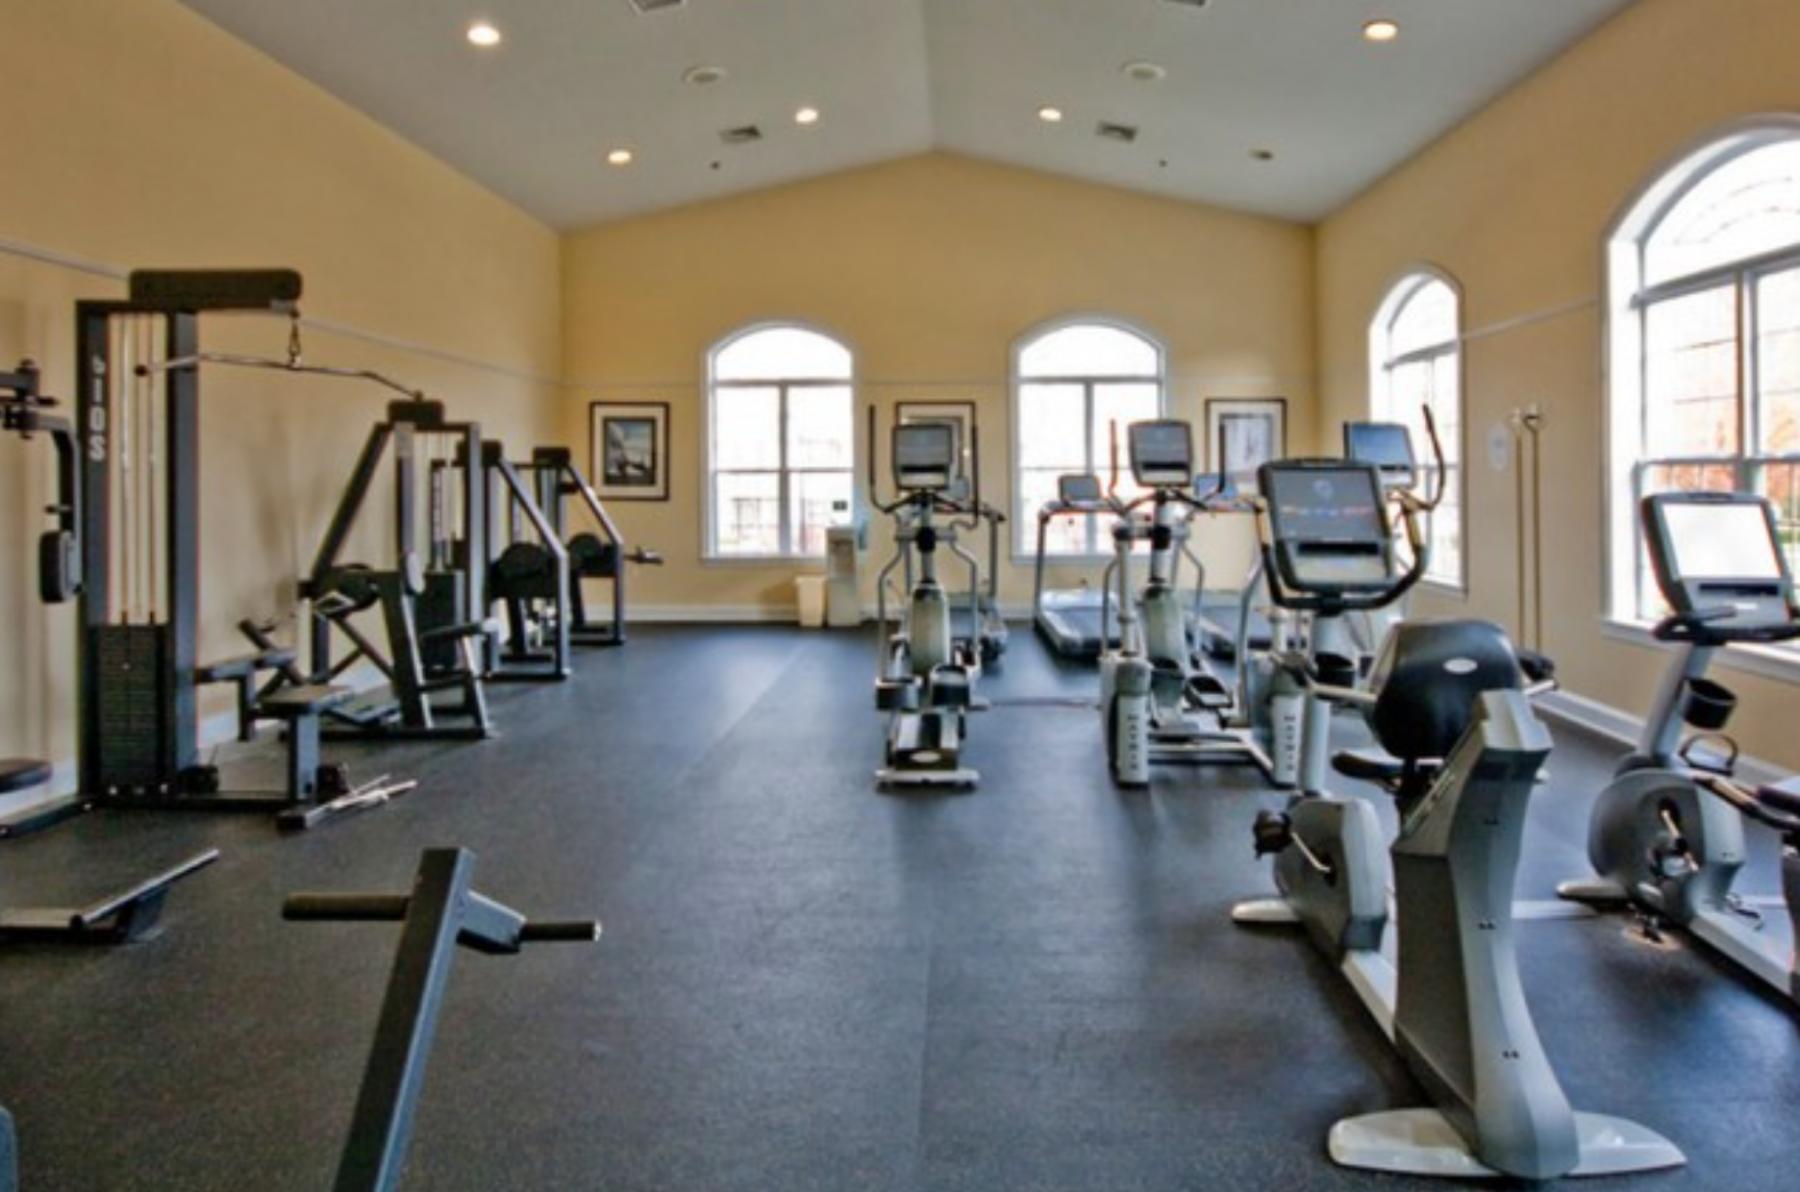 3 - Fitness Center